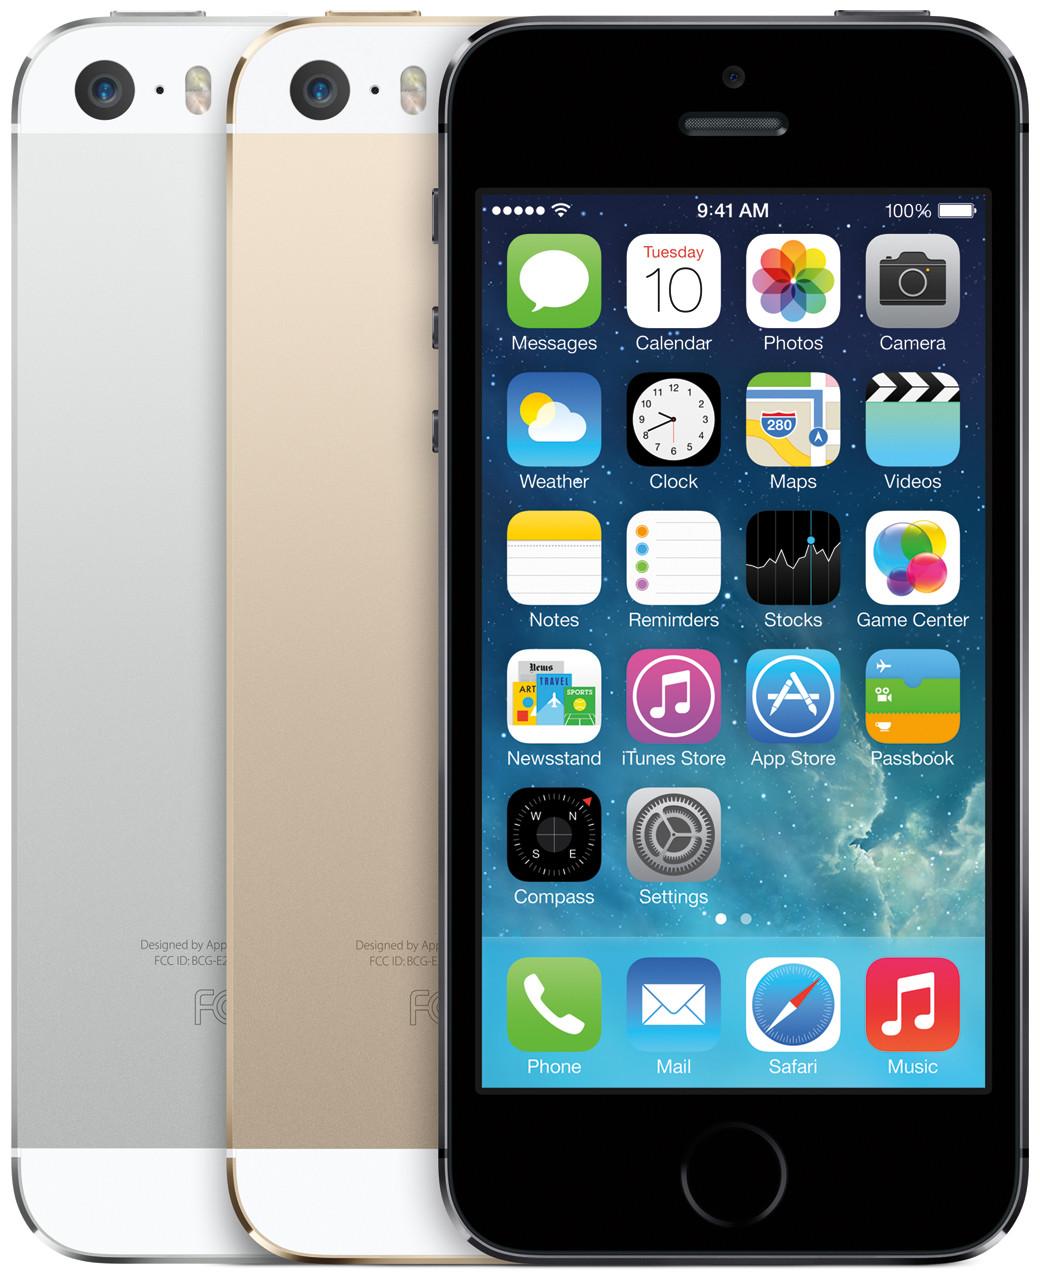 vendu 100 dollars plus cher l 39 iphone 5s co te apple 26 dollars de plus que le 5c. Black Bedroom Furniture Sets. Home Design Ideas